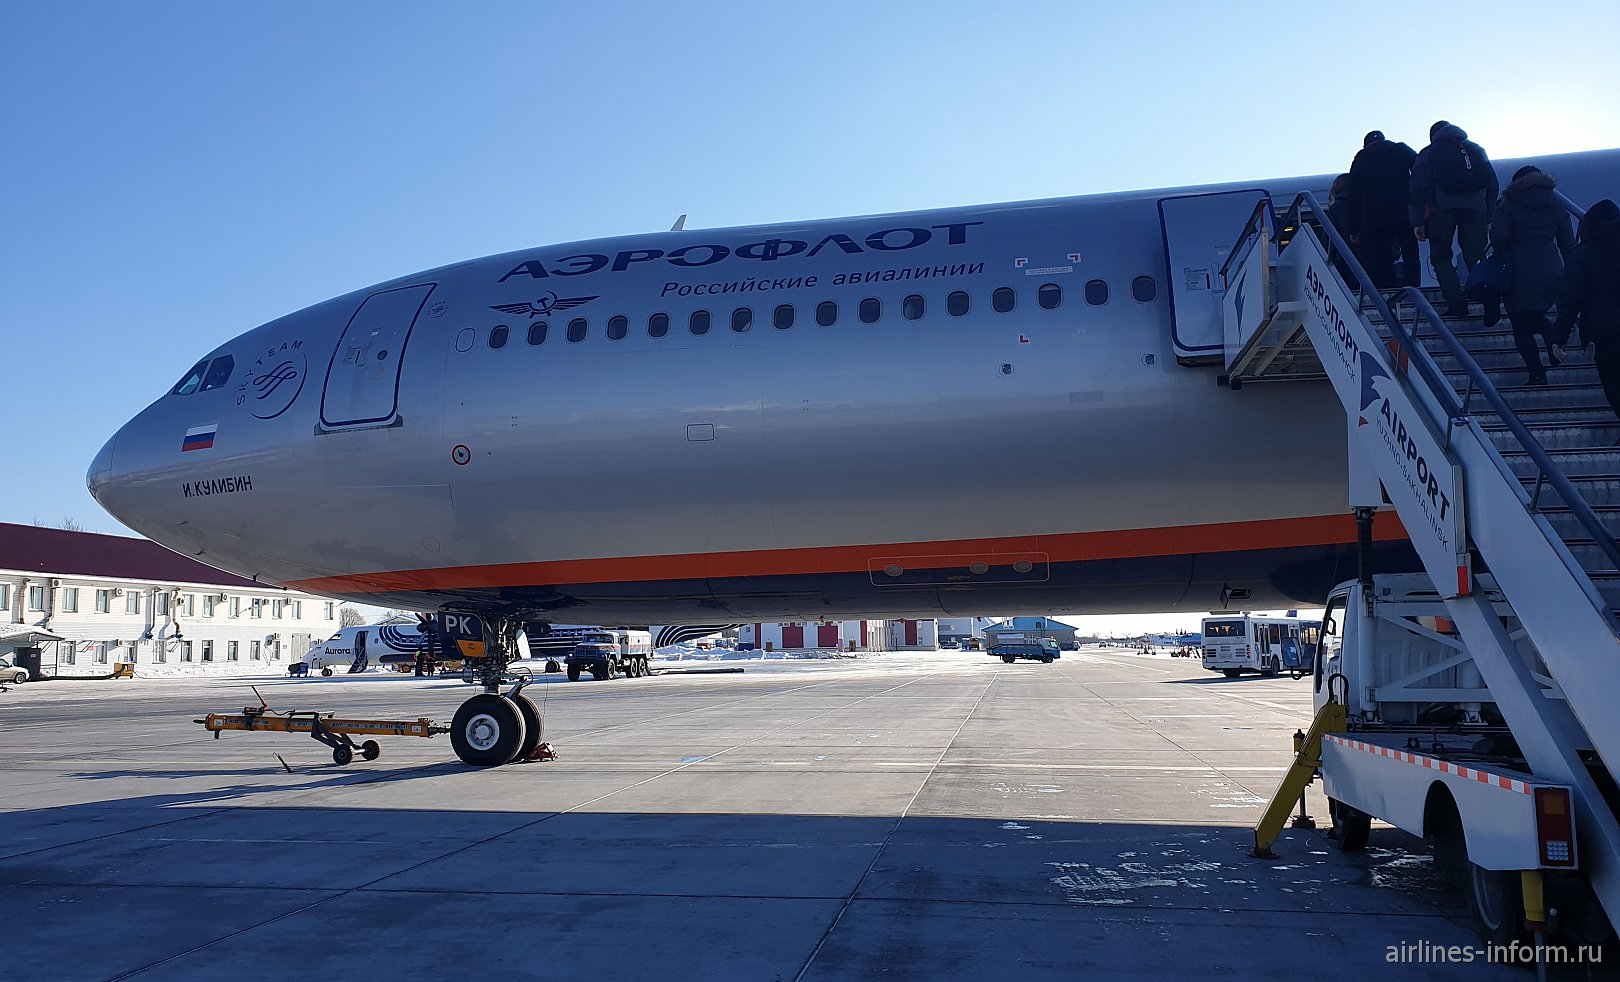 Банальный  дальняк: Южно-Сахалинск (UUS) - Москва (SVO)  Airbus A330-300 VQ-BPK I.Kulibin  а/к Аэрофлот. (эконом)